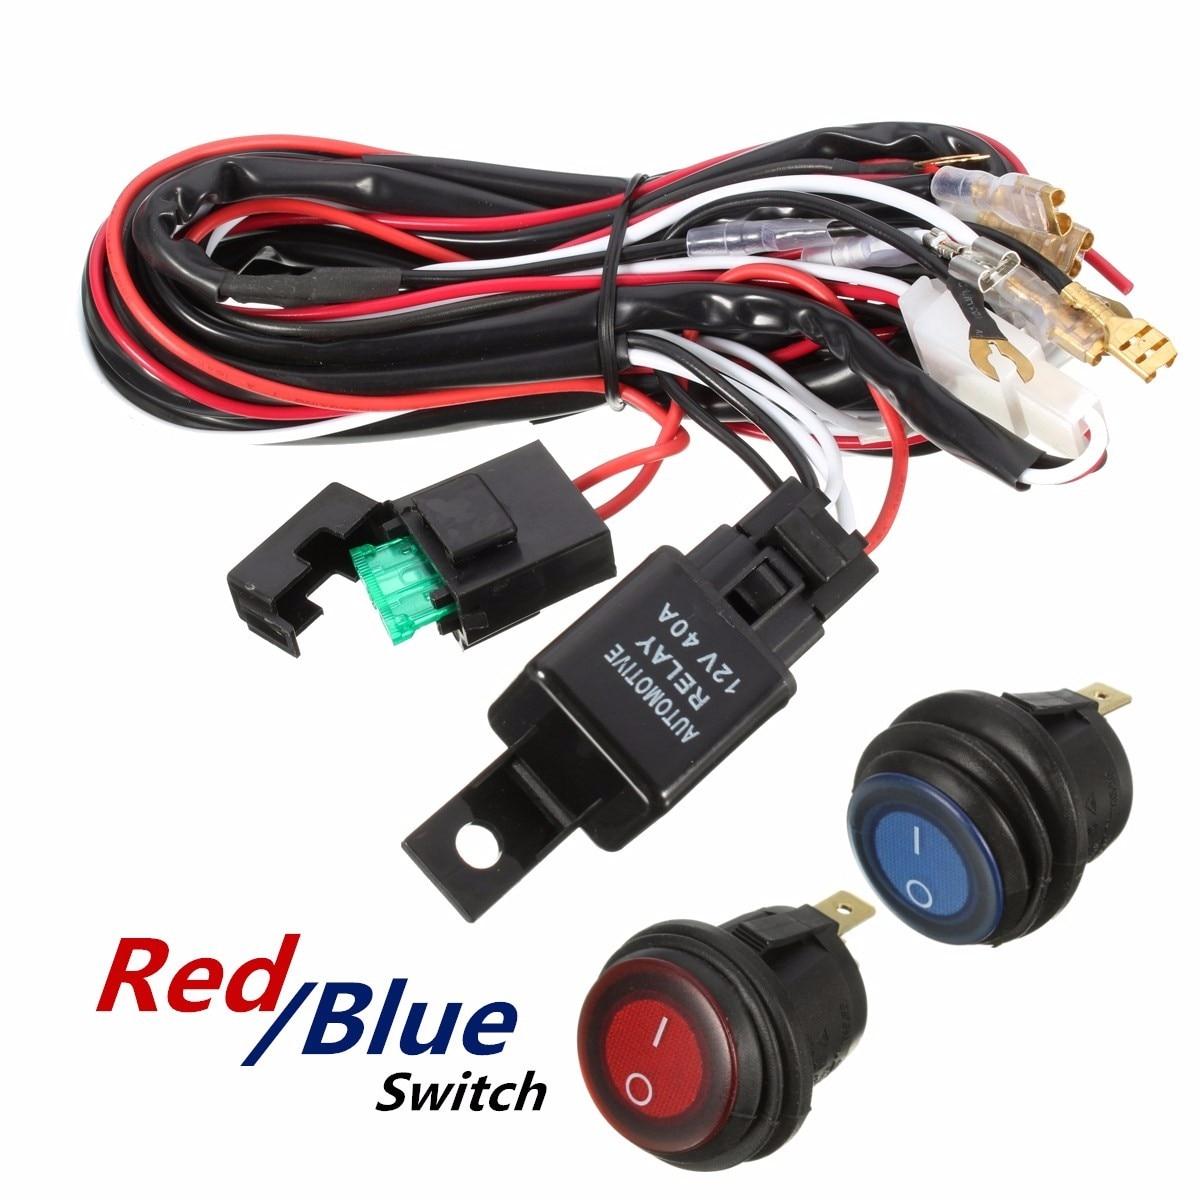 Wrangler Ez Wiring Harness Diagram Electrical Diagrams 304 Jeep Kit Wire Data Schema U2022 Ezgo Golf Cart